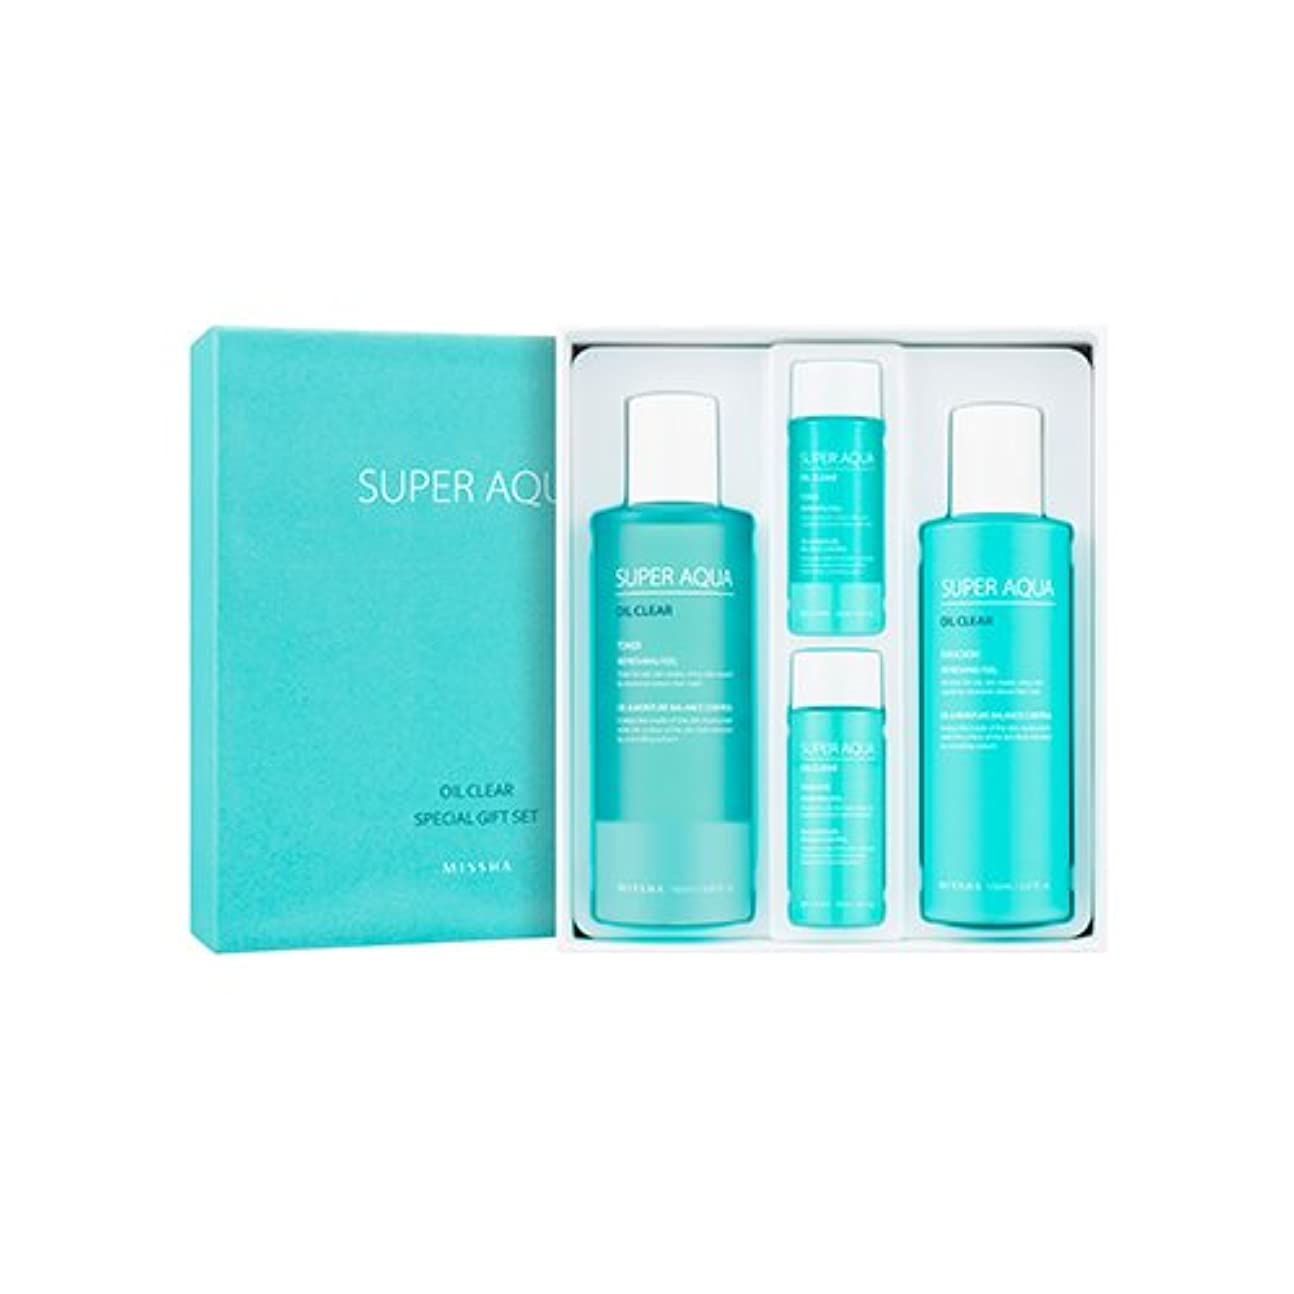 粉砕するキリマンジャロダイヤモンドMISSHA Super Aqua Oil Clear Special Gift Set/ミシャ スーパーアクアオイルクリアスペシャルギフトセット [並行輸入品]